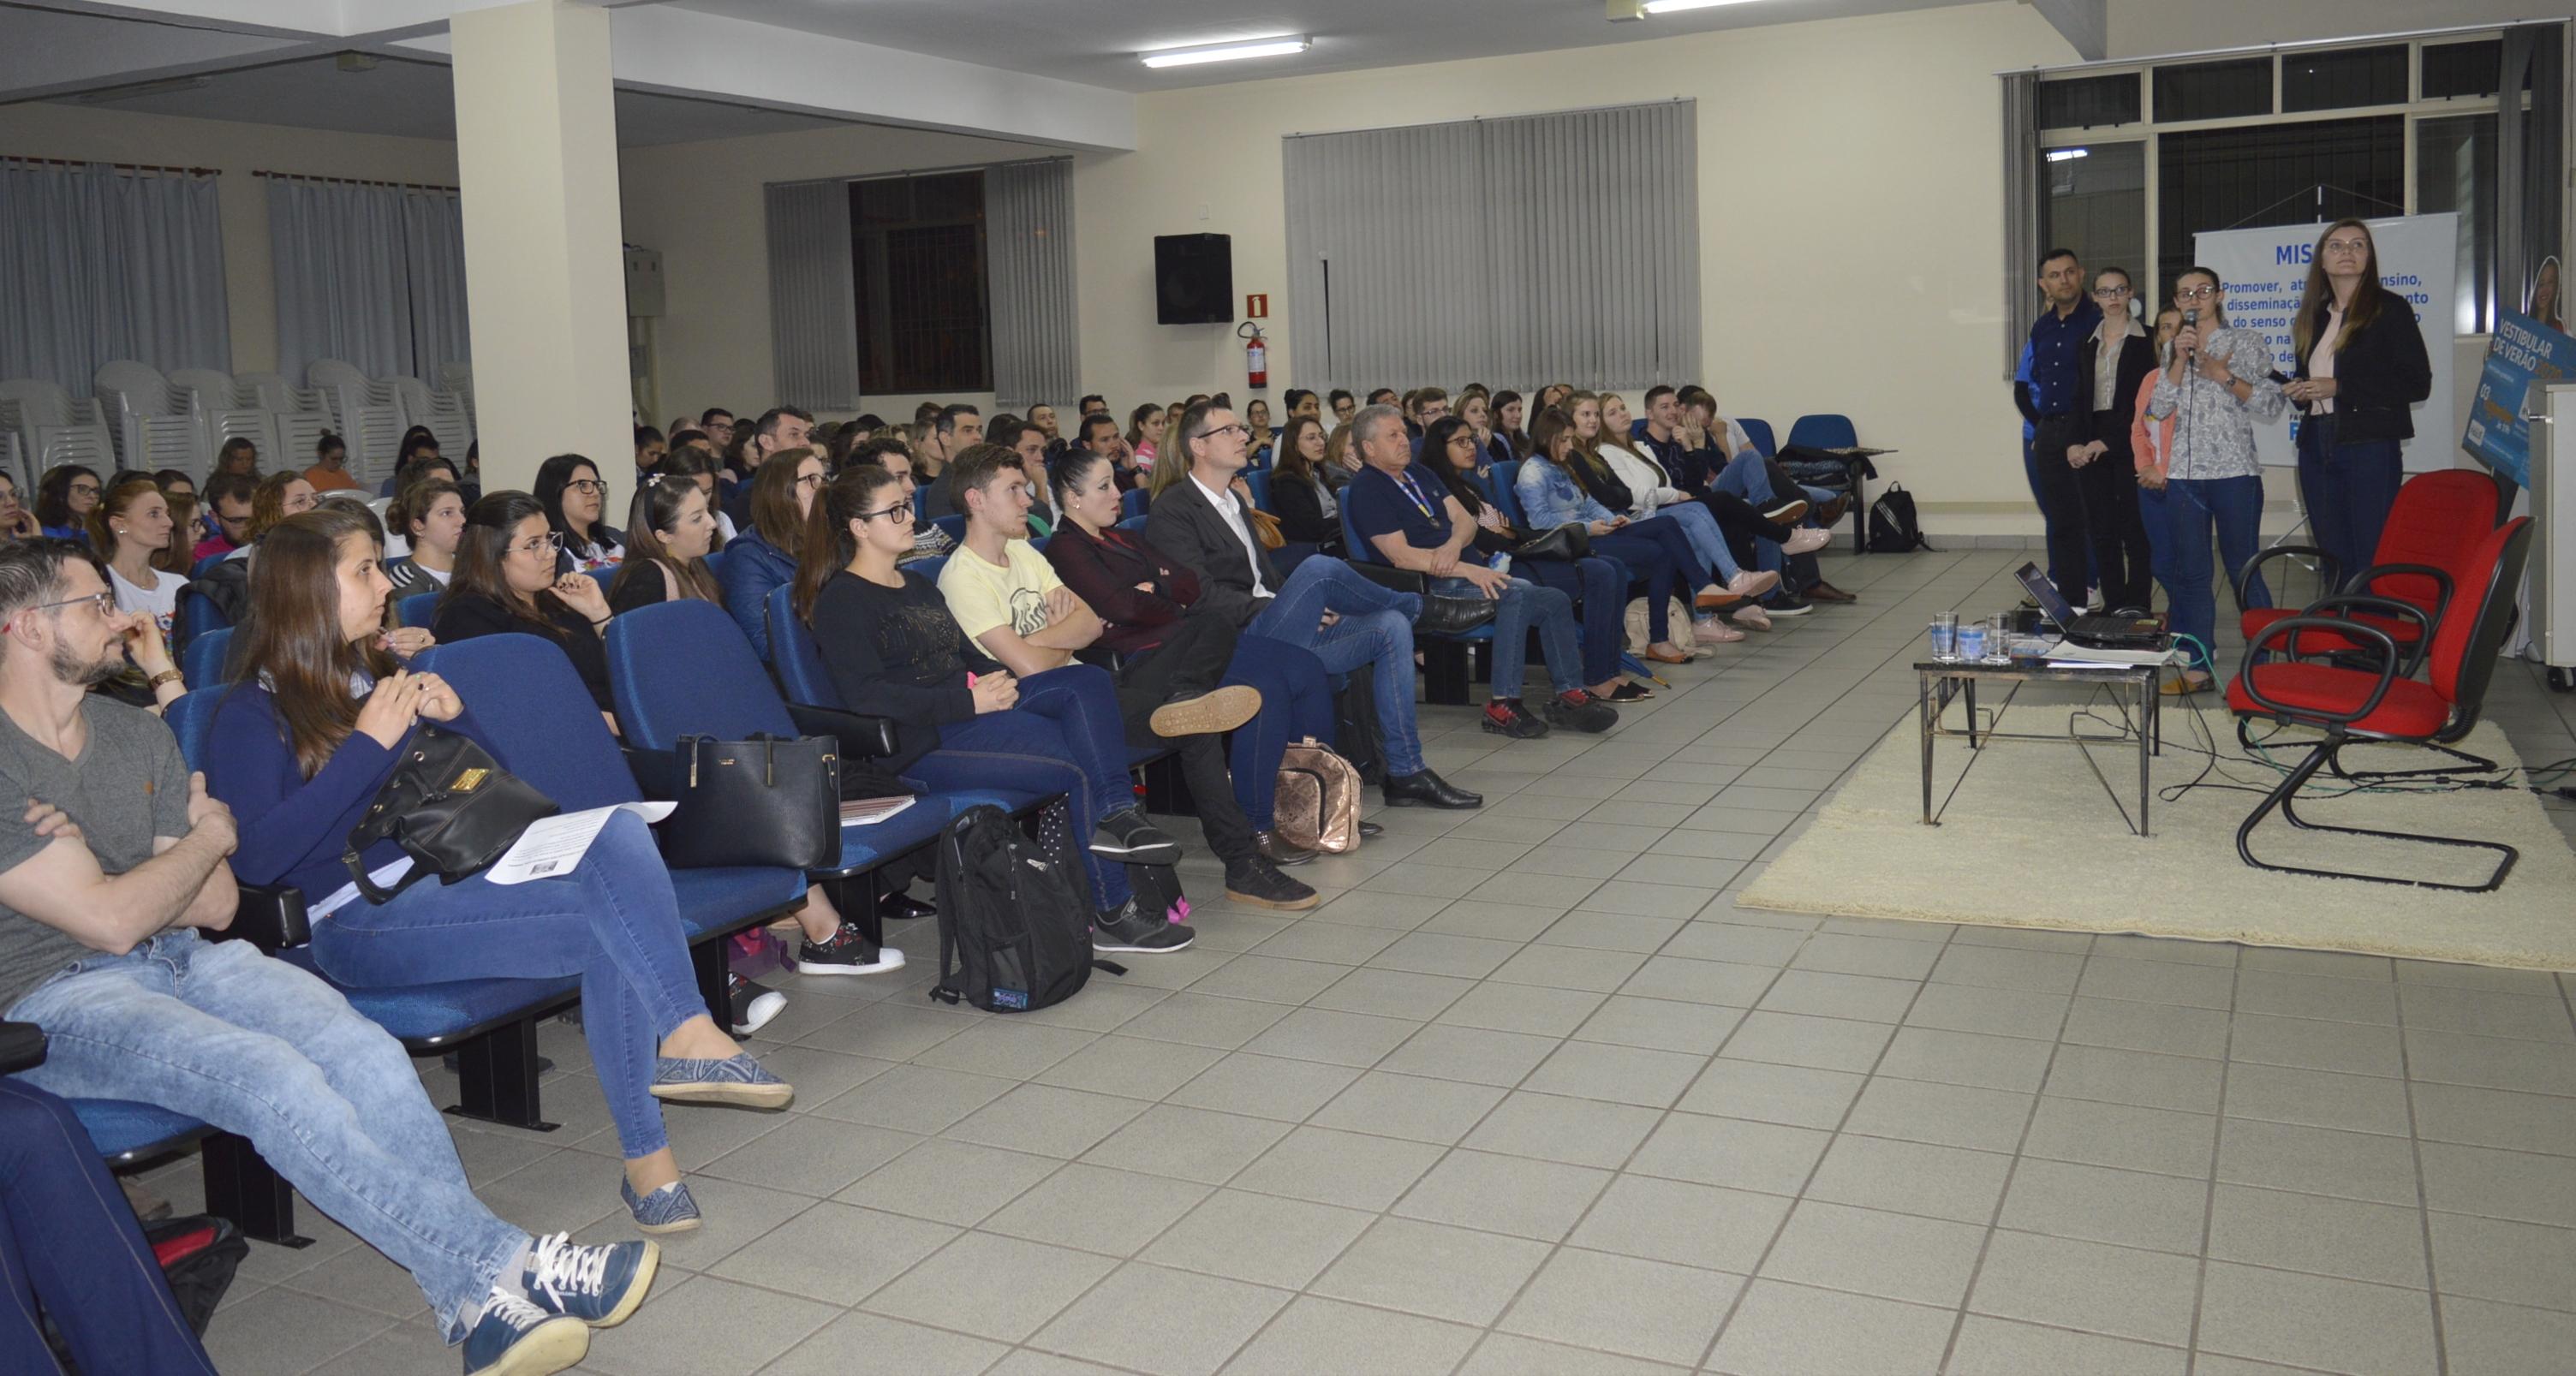 Projetos de intervenção social beneficiam quatro municípios